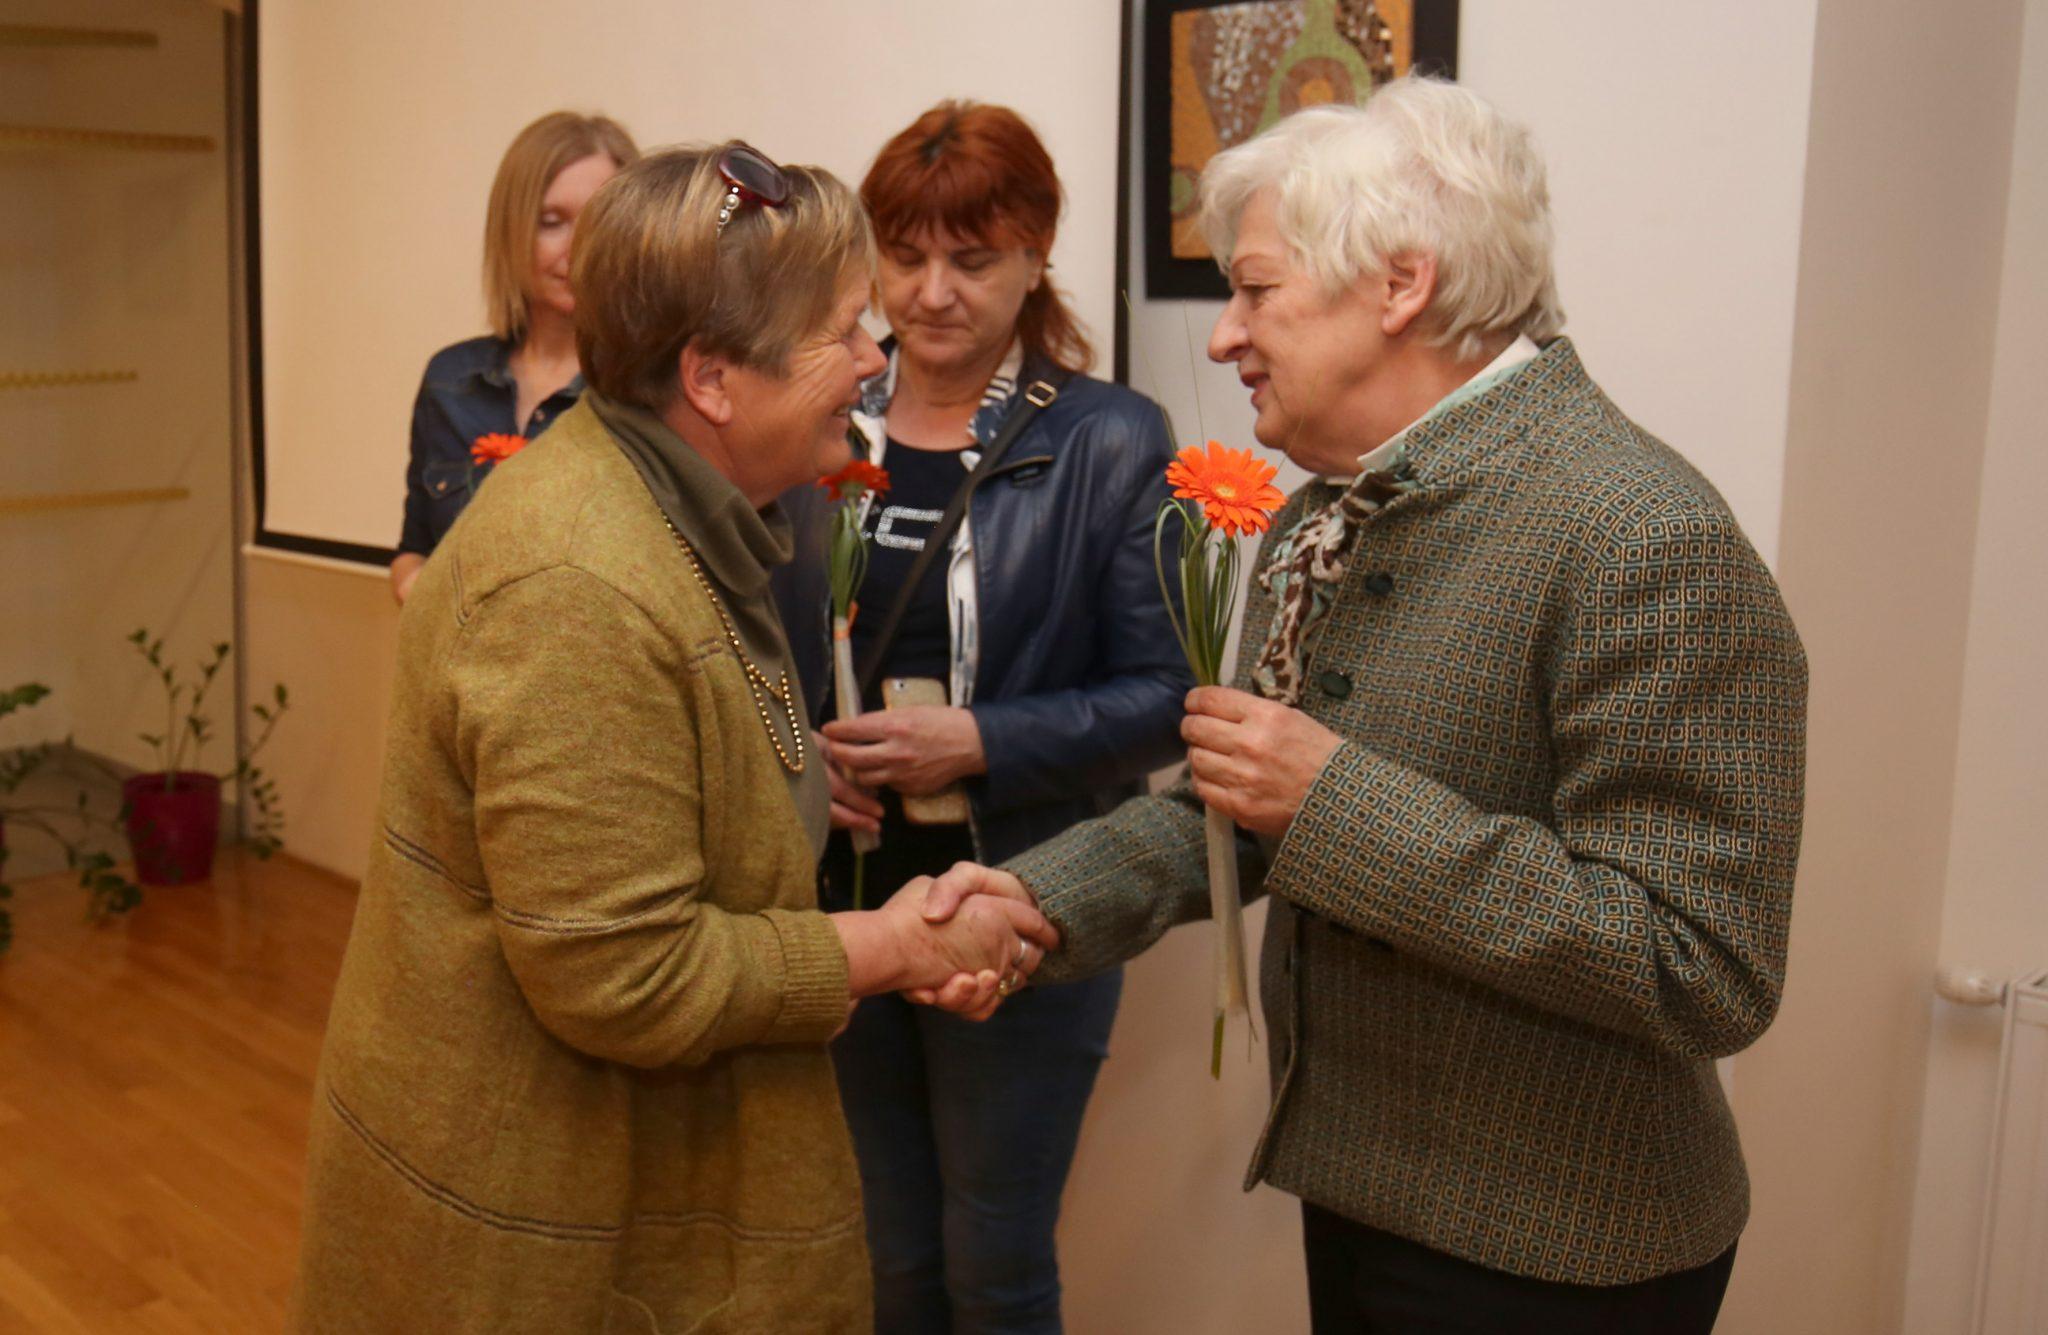 RAZSTAVA MOZAIKOV 09 FOTO LJUBO VUKELIČ - Odprtje razstave - Pogled v živalski svet - sekcije Mozaik KD Rak Rakek